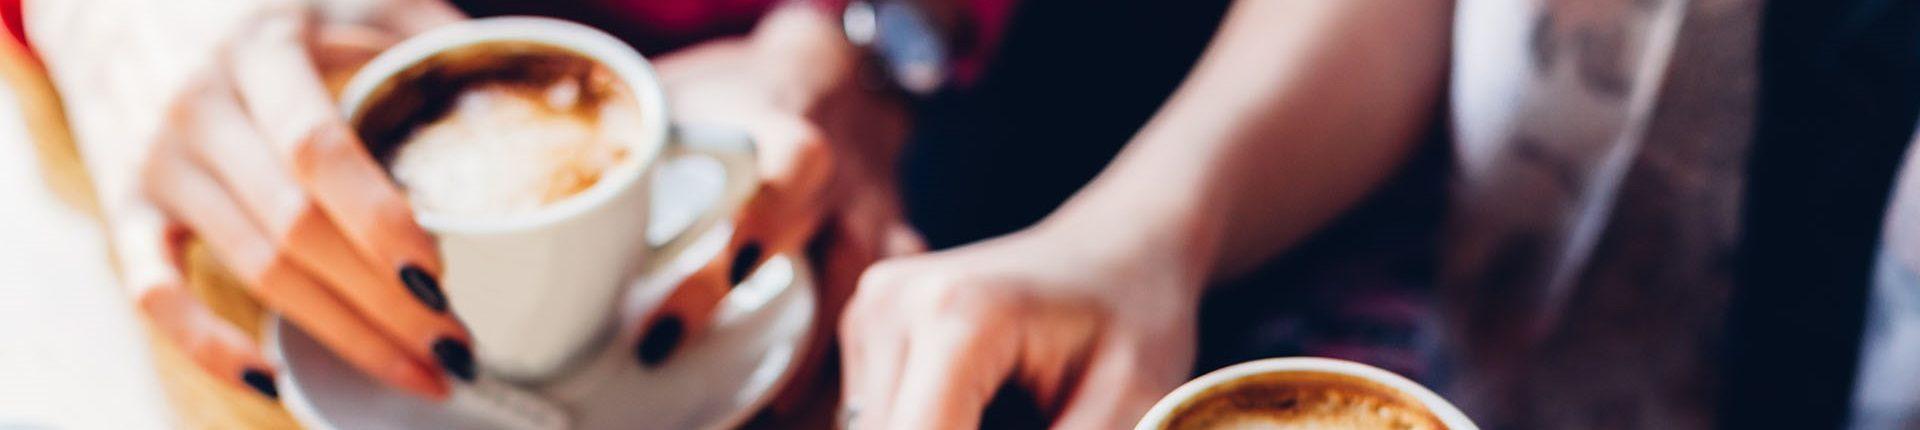 כמה קפה כדאי לך לשתות ביום?